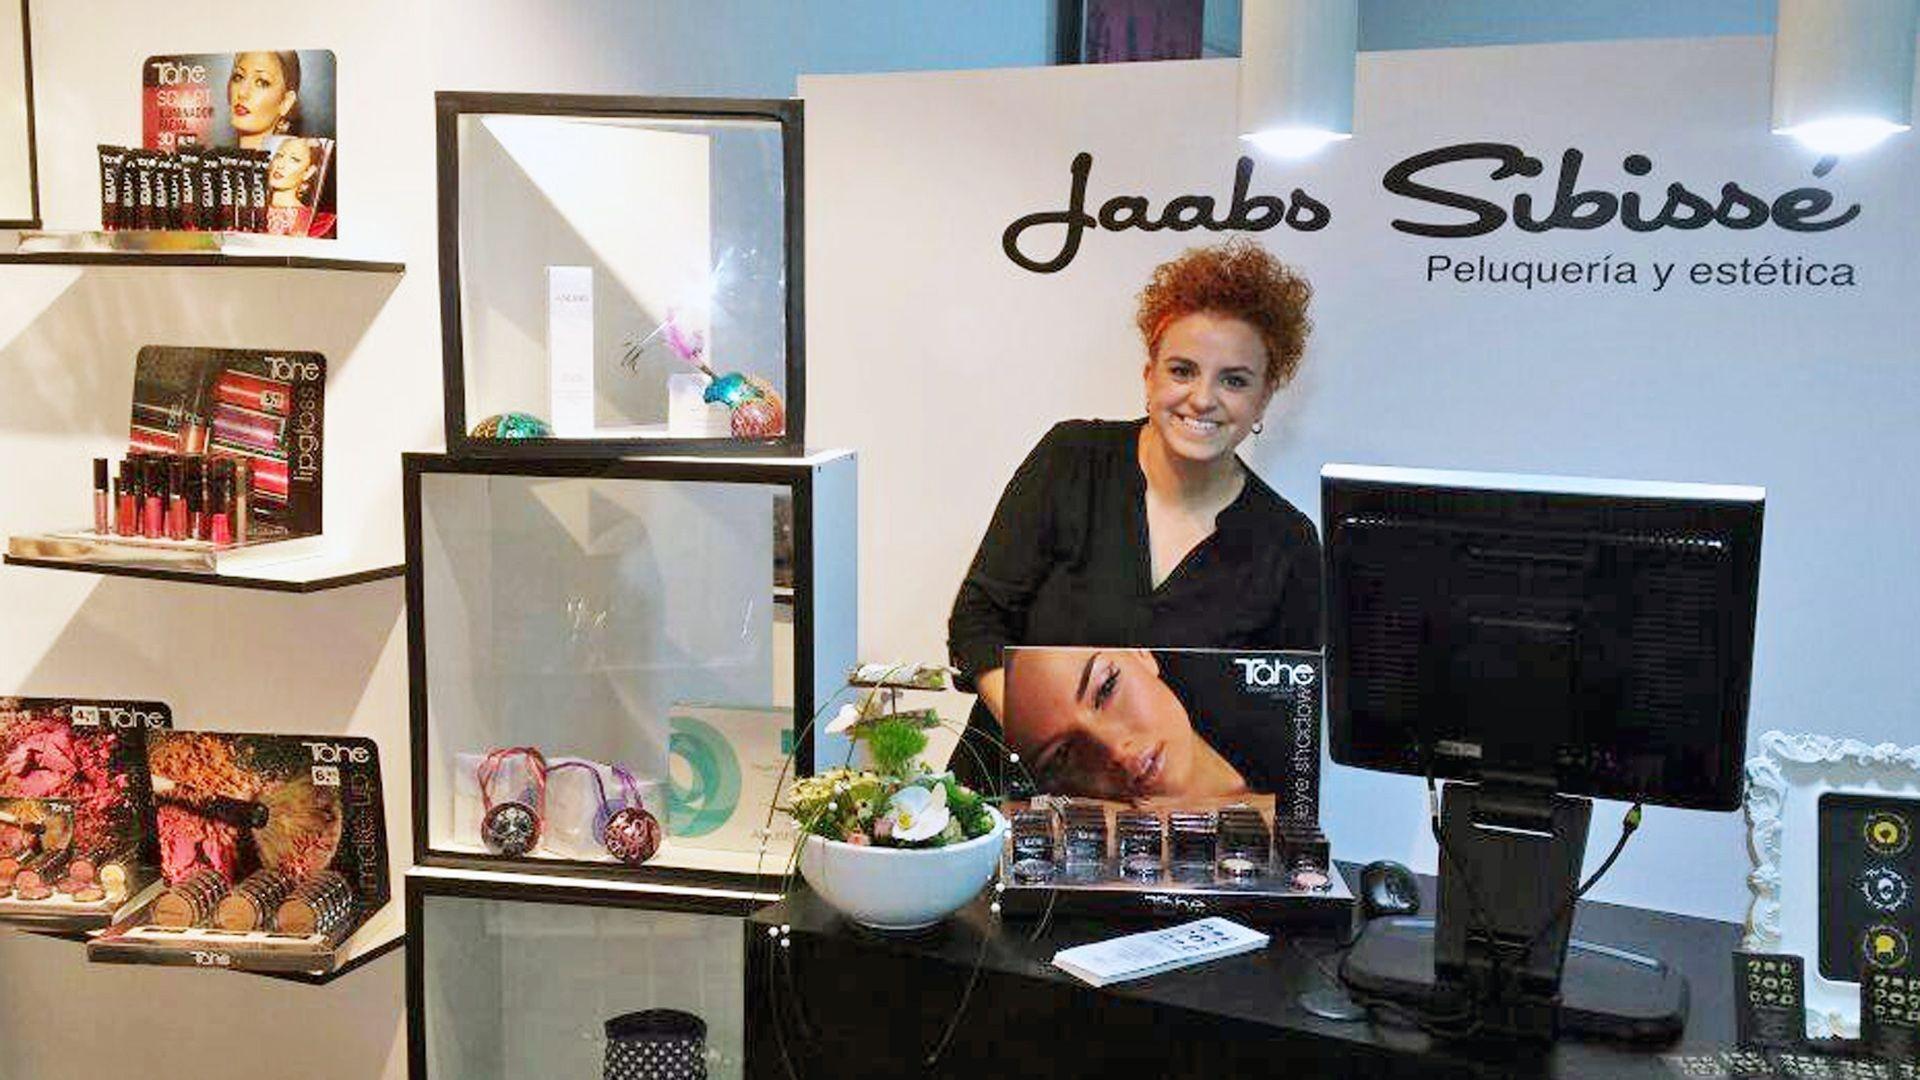 Jaabs Sibisse Peluquería y Centro de Estética